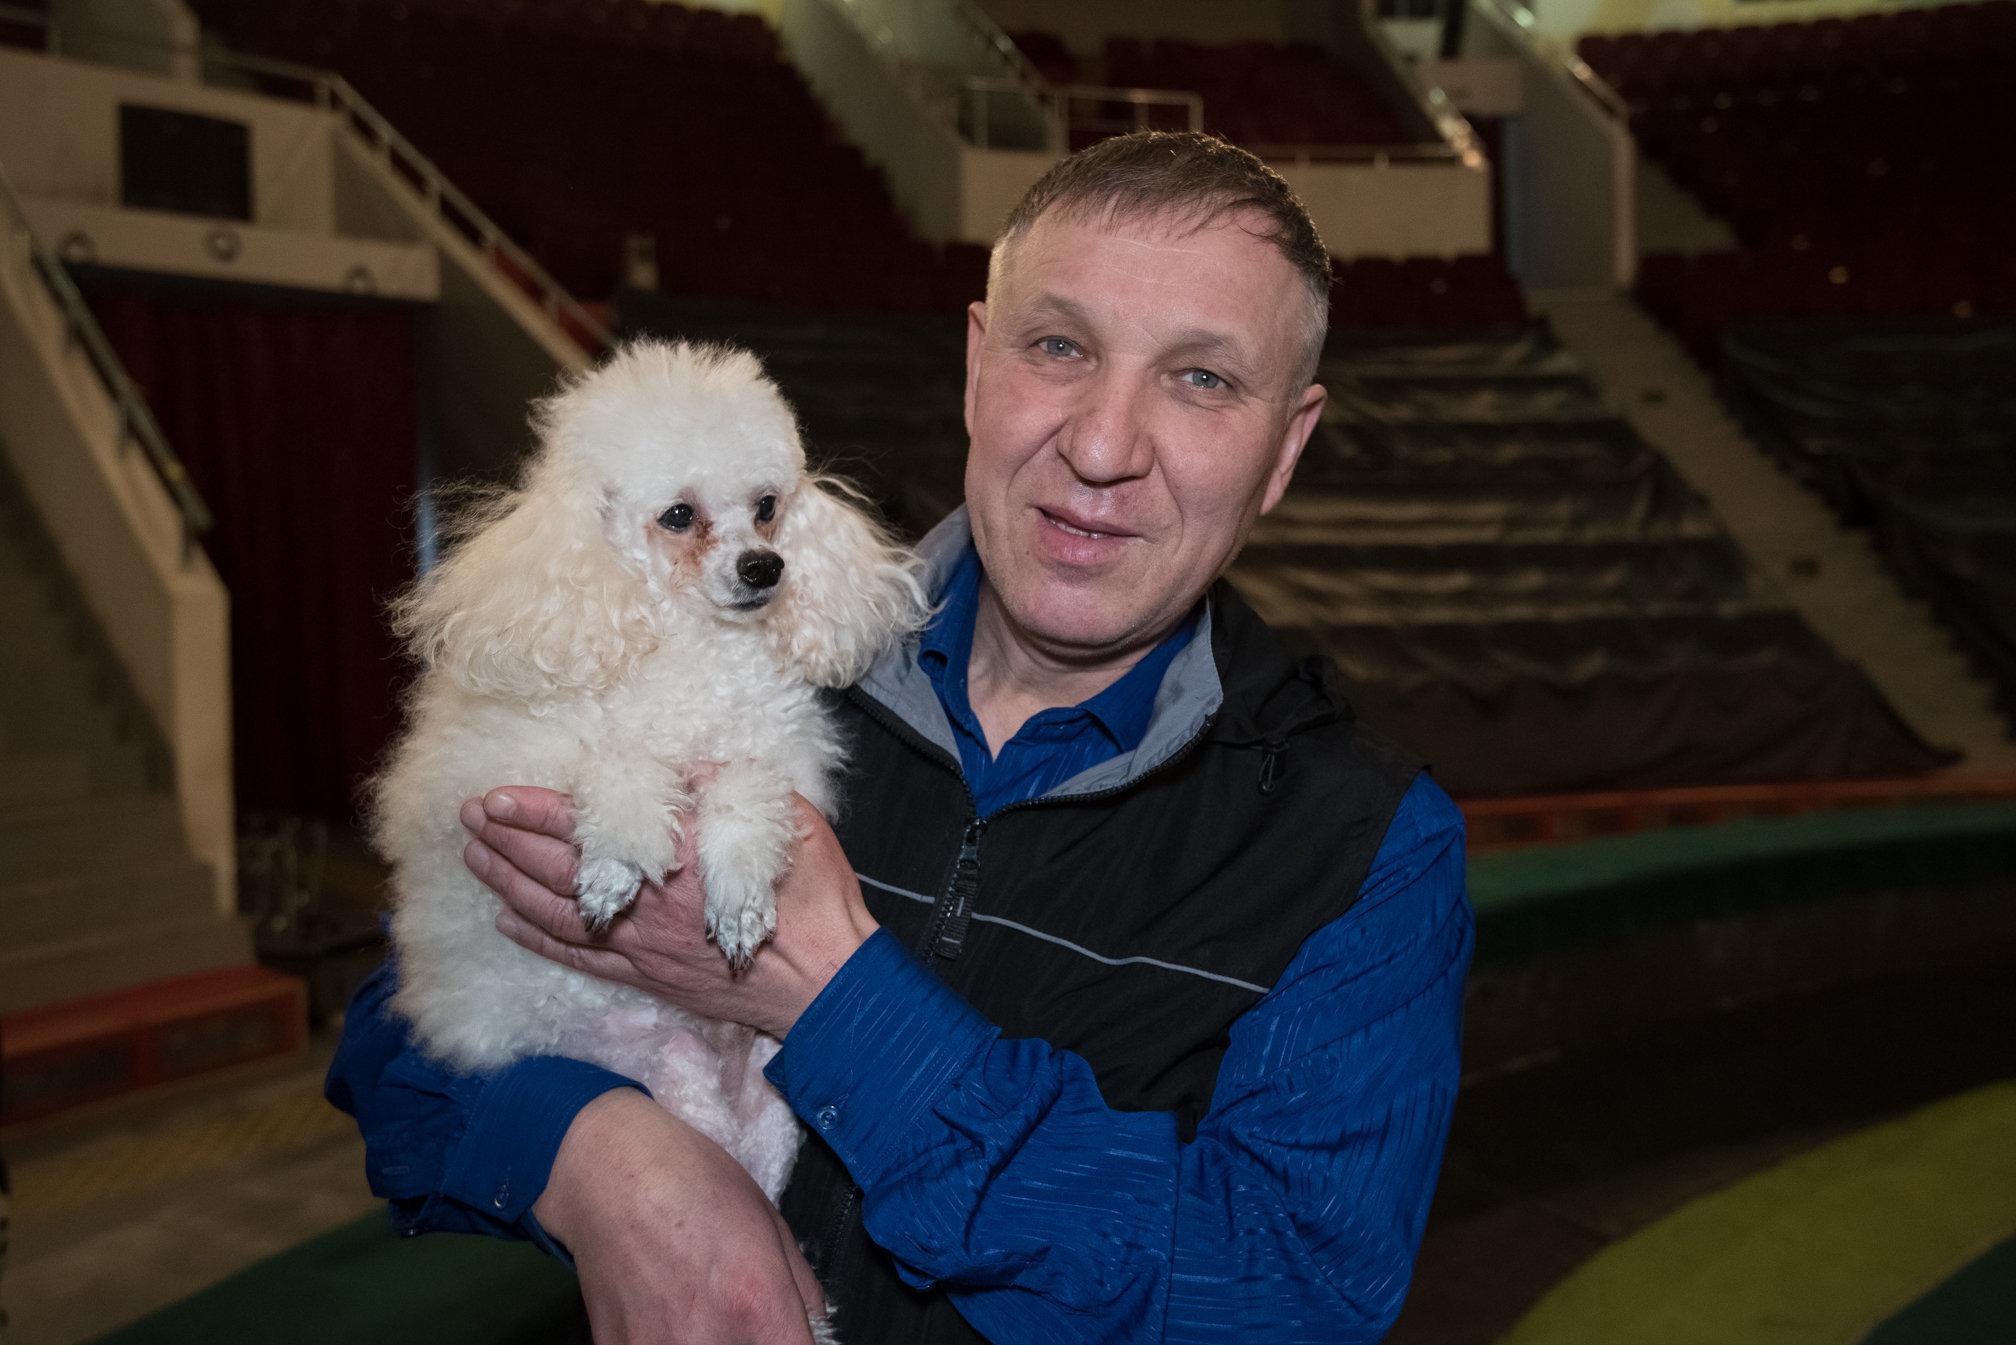 Руководитель номера Клоунада с дрессированными собачками Азилбек Болатов